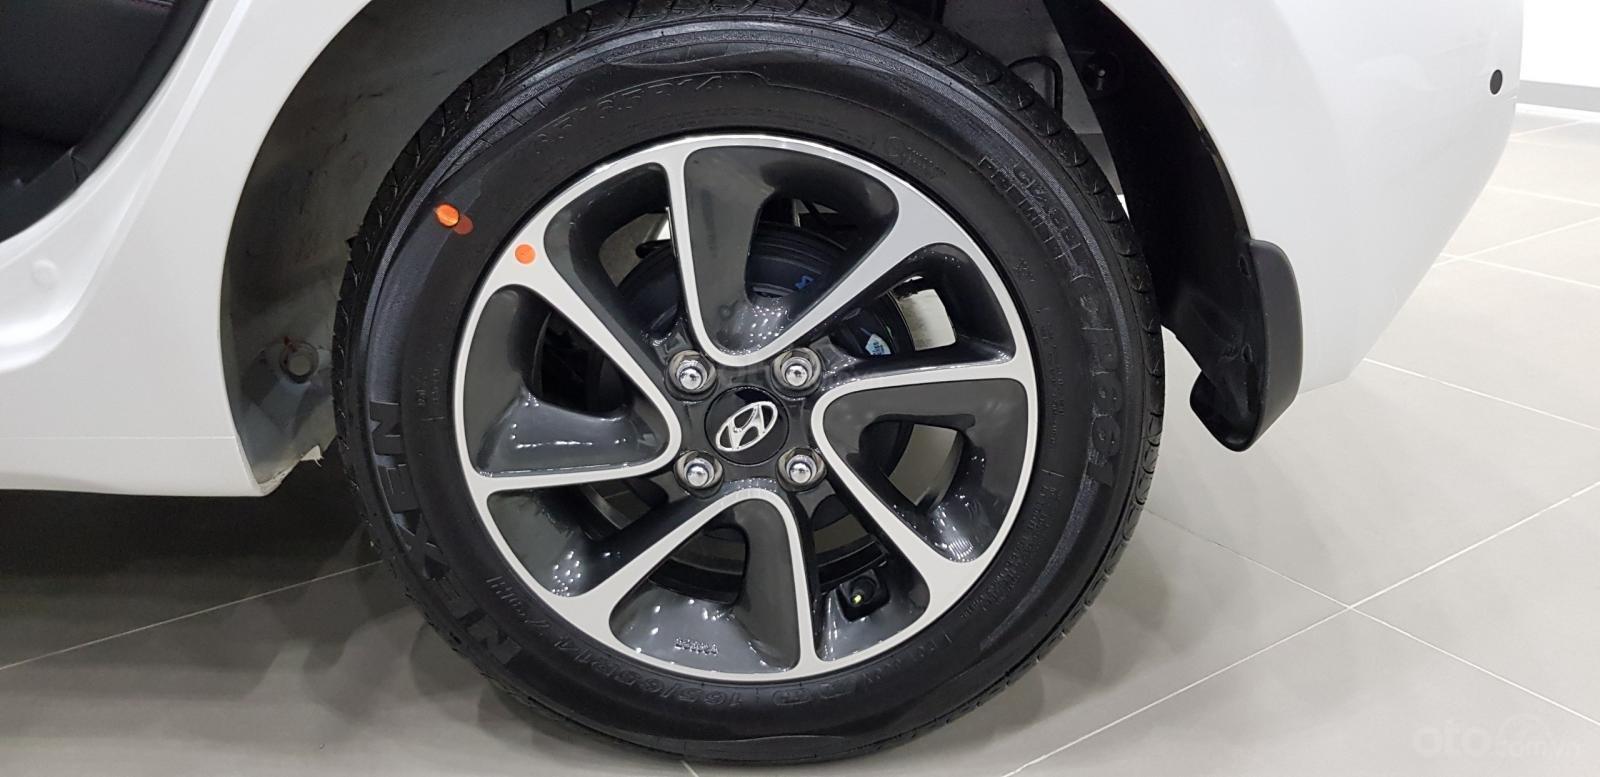 Bán Hyundai i10 hatchback, sản xuất 2019, có giao ngay, giá cạnh tranh, đủ màu, LH 0971626238 (14)